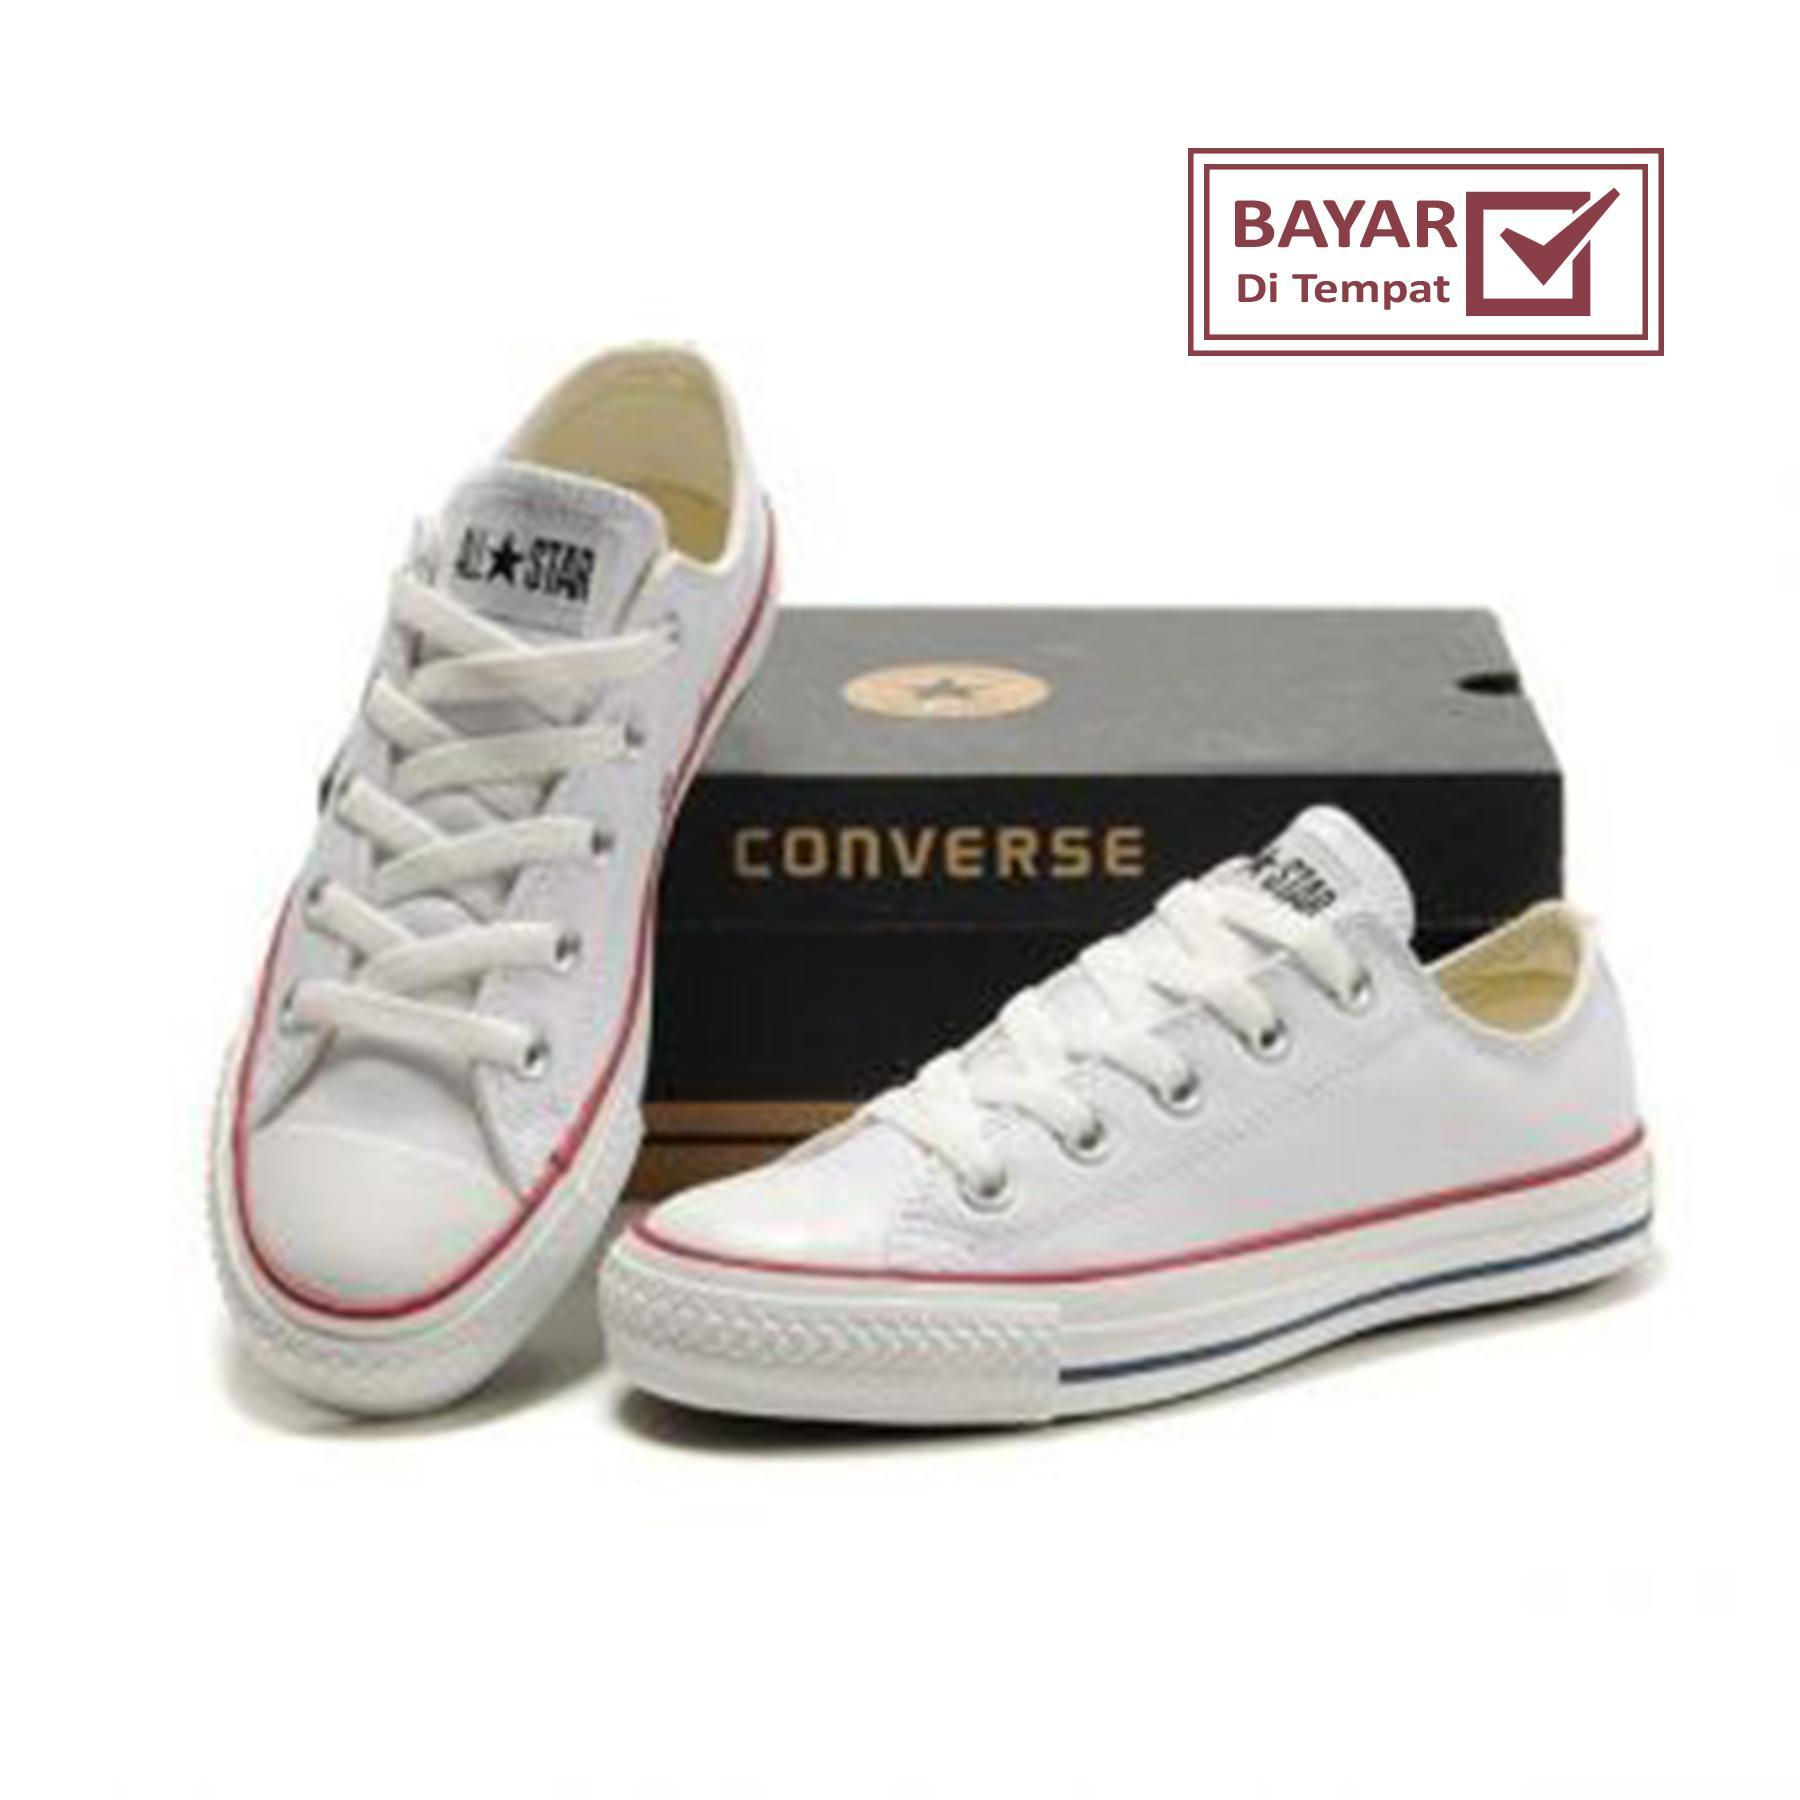 Sepatu All Star Premium Kets Pria dan Wanita Sneakers Casual Slip On Original  Sneakers 6ae96f2314